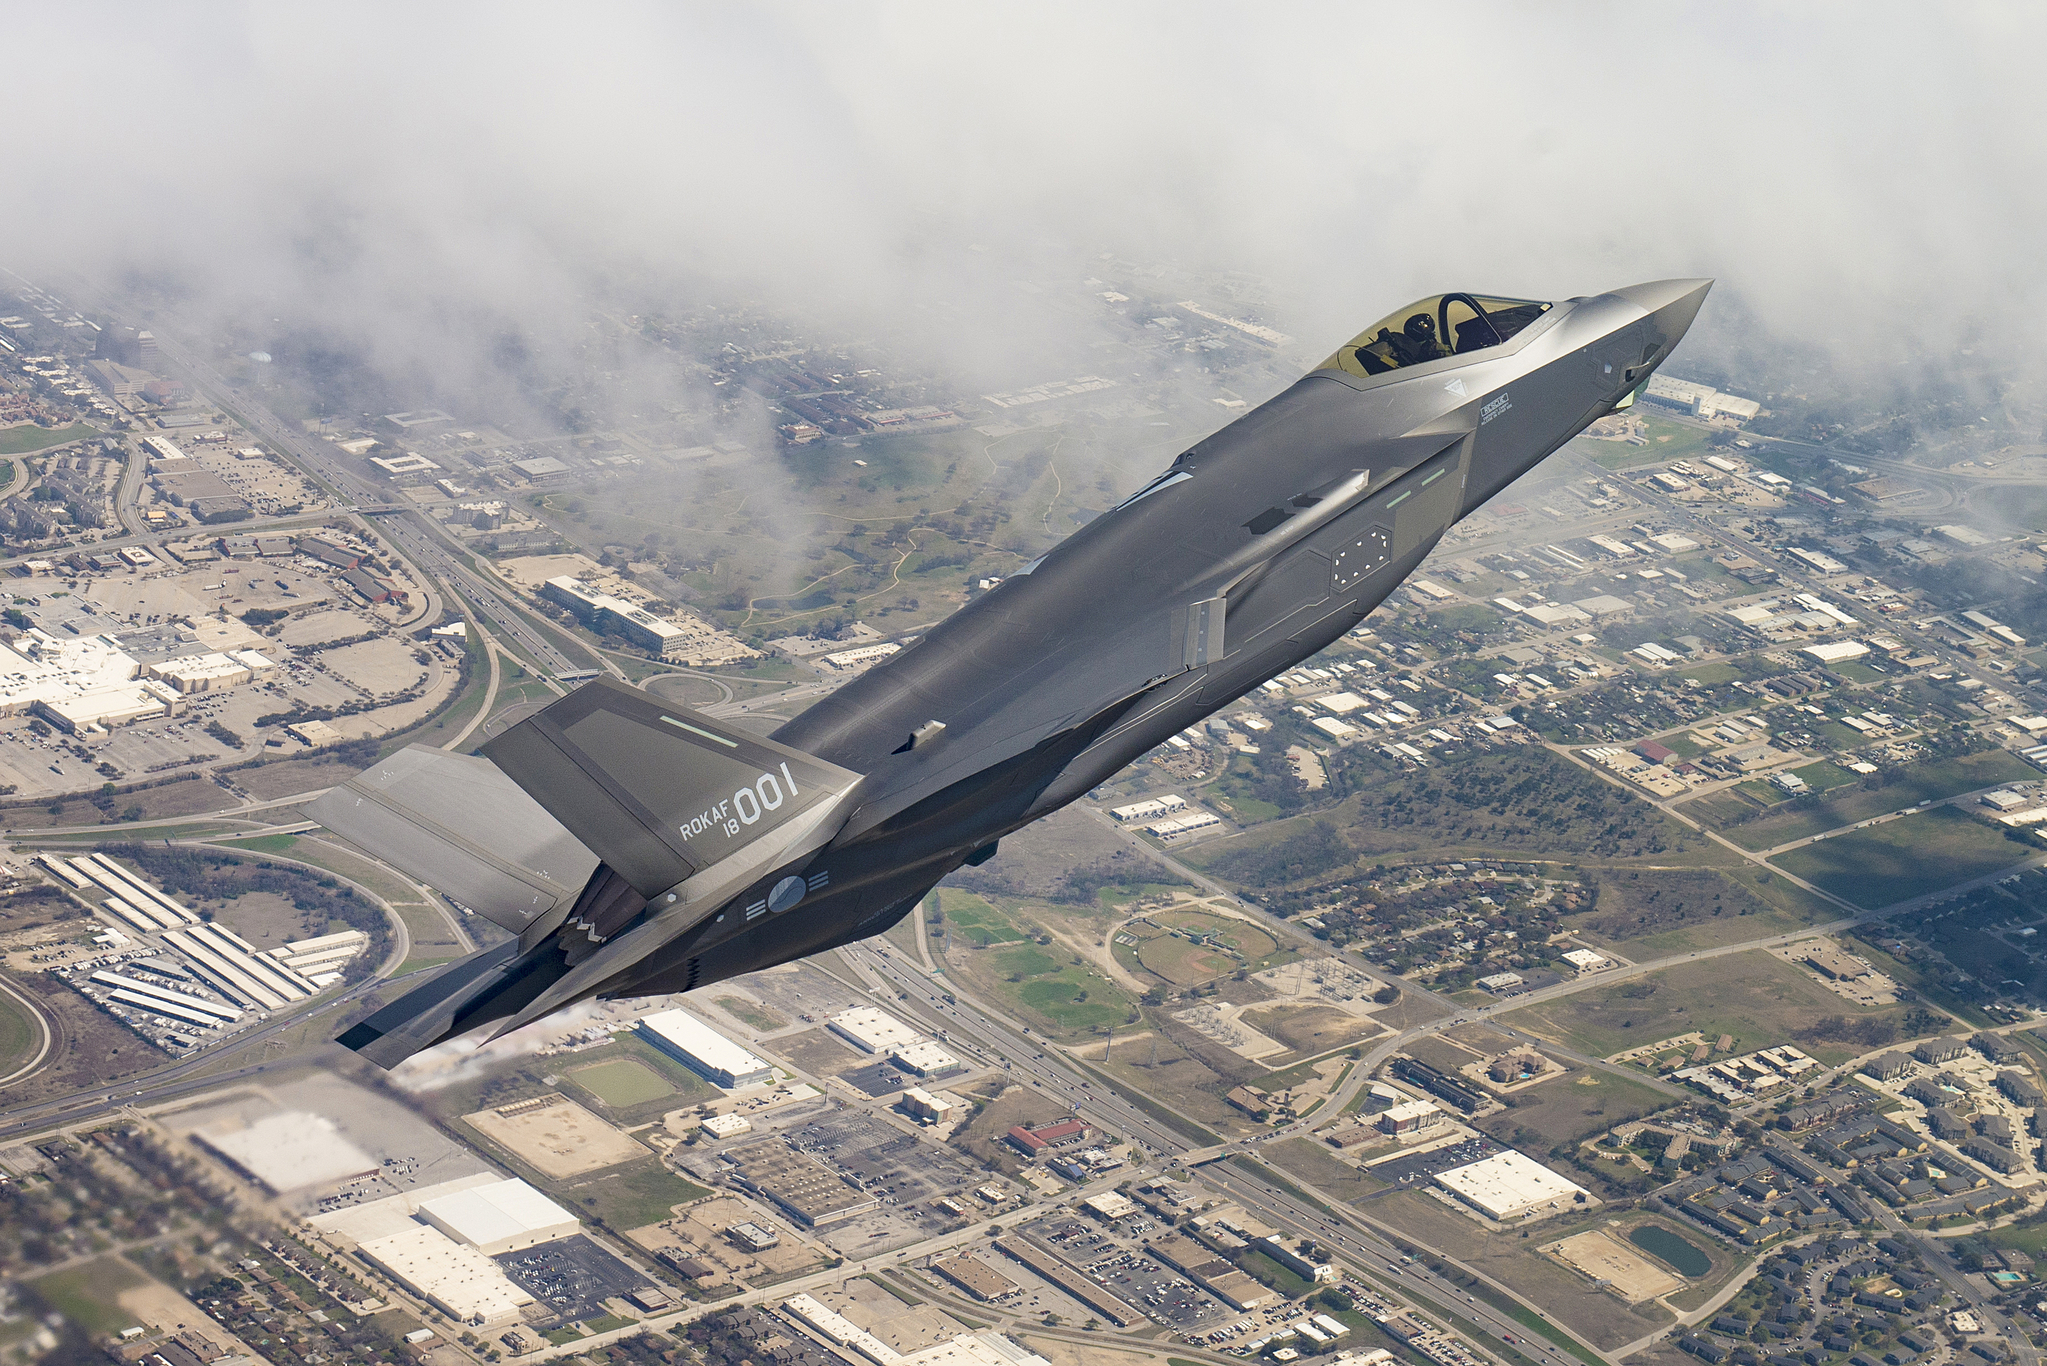 공군 F-35A 1호기가 지난해 3월 미국 텍사스주 포트워스 록히드마틴사 최종 조립공장에서 열린 출고행사에서 시험비행하고 있다.[사진 방위산업청]